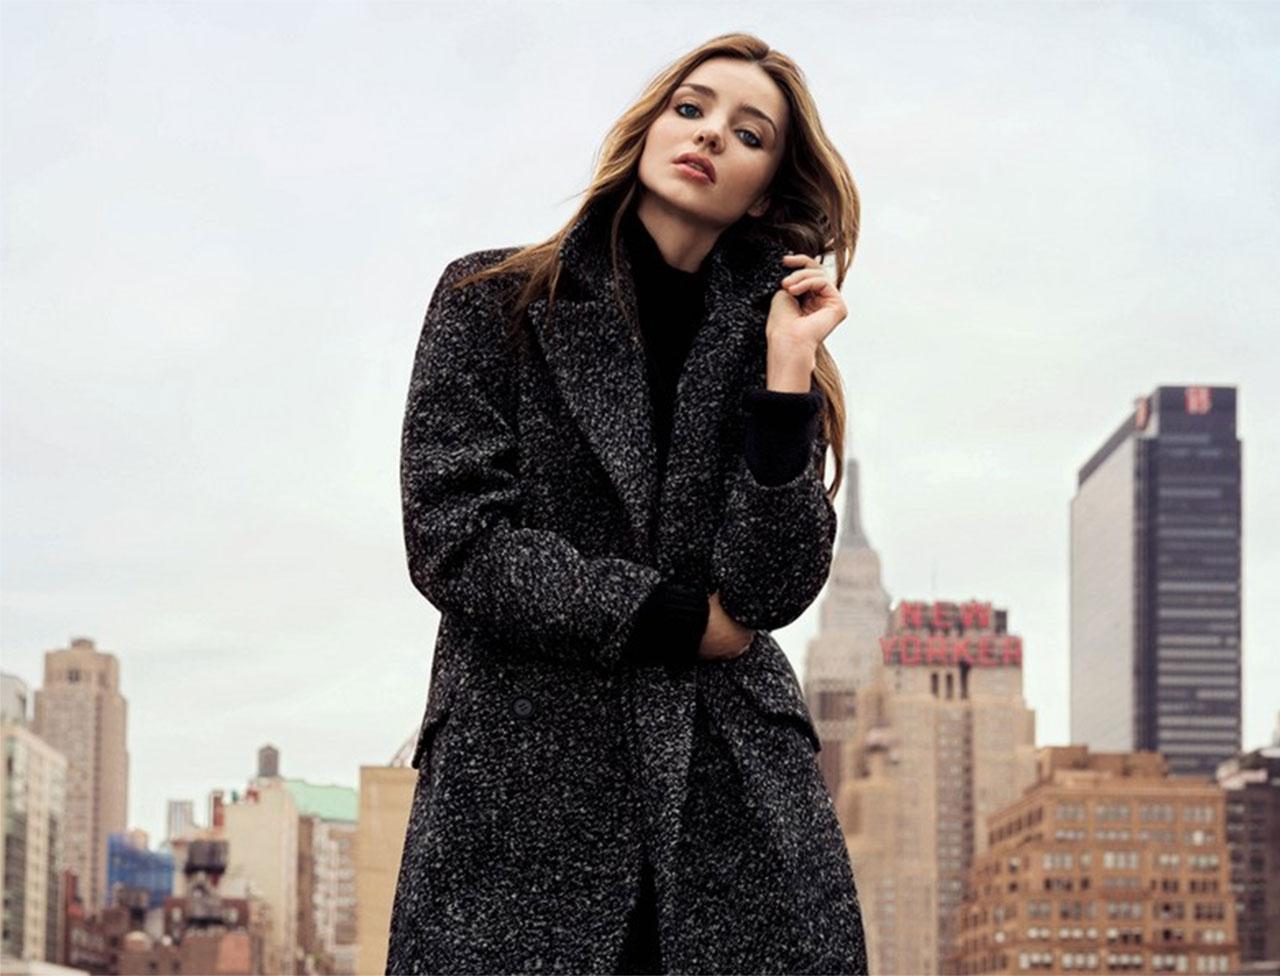 Manteau-chaud-femme-2.jpg